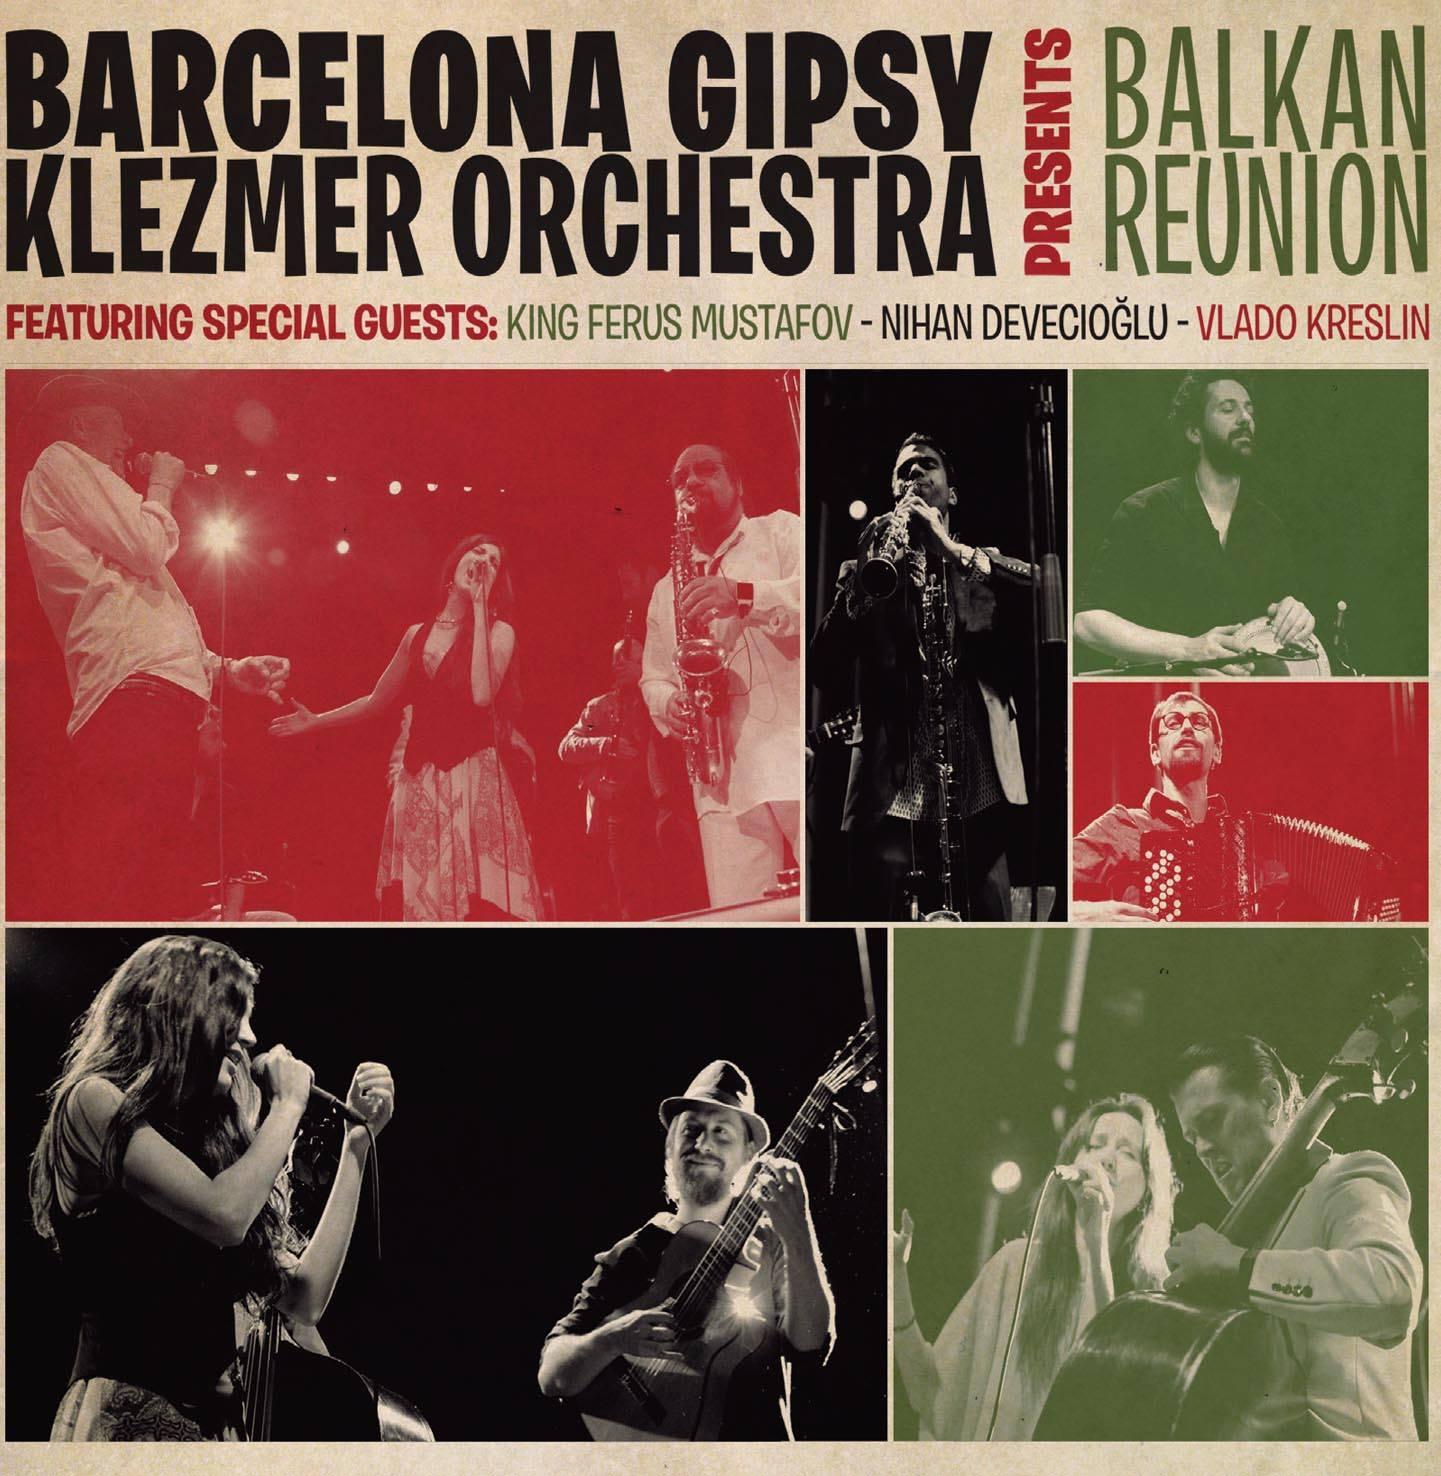 Barcelona Gipsy Klezmer Orchestra Portada_balkan_reunion